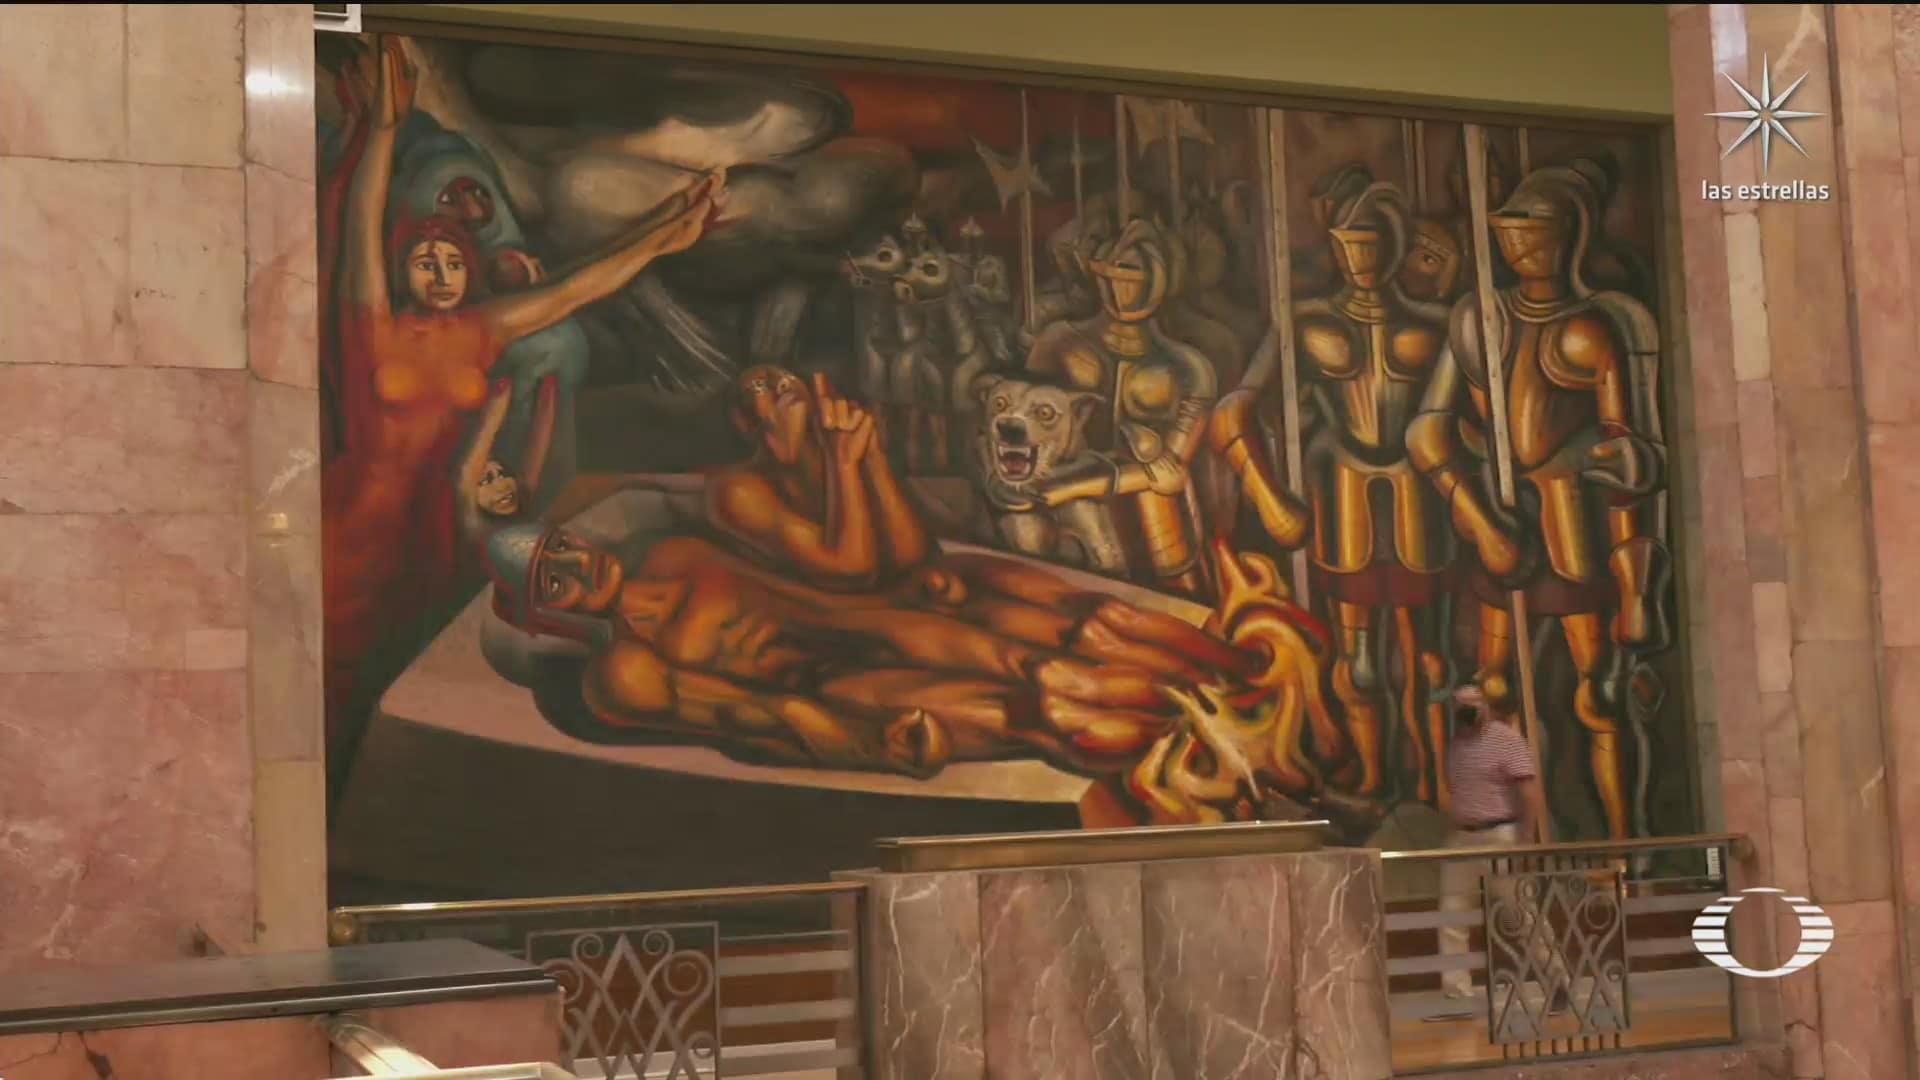 inician trabajos de restauracion de murales del museo de bellas artes